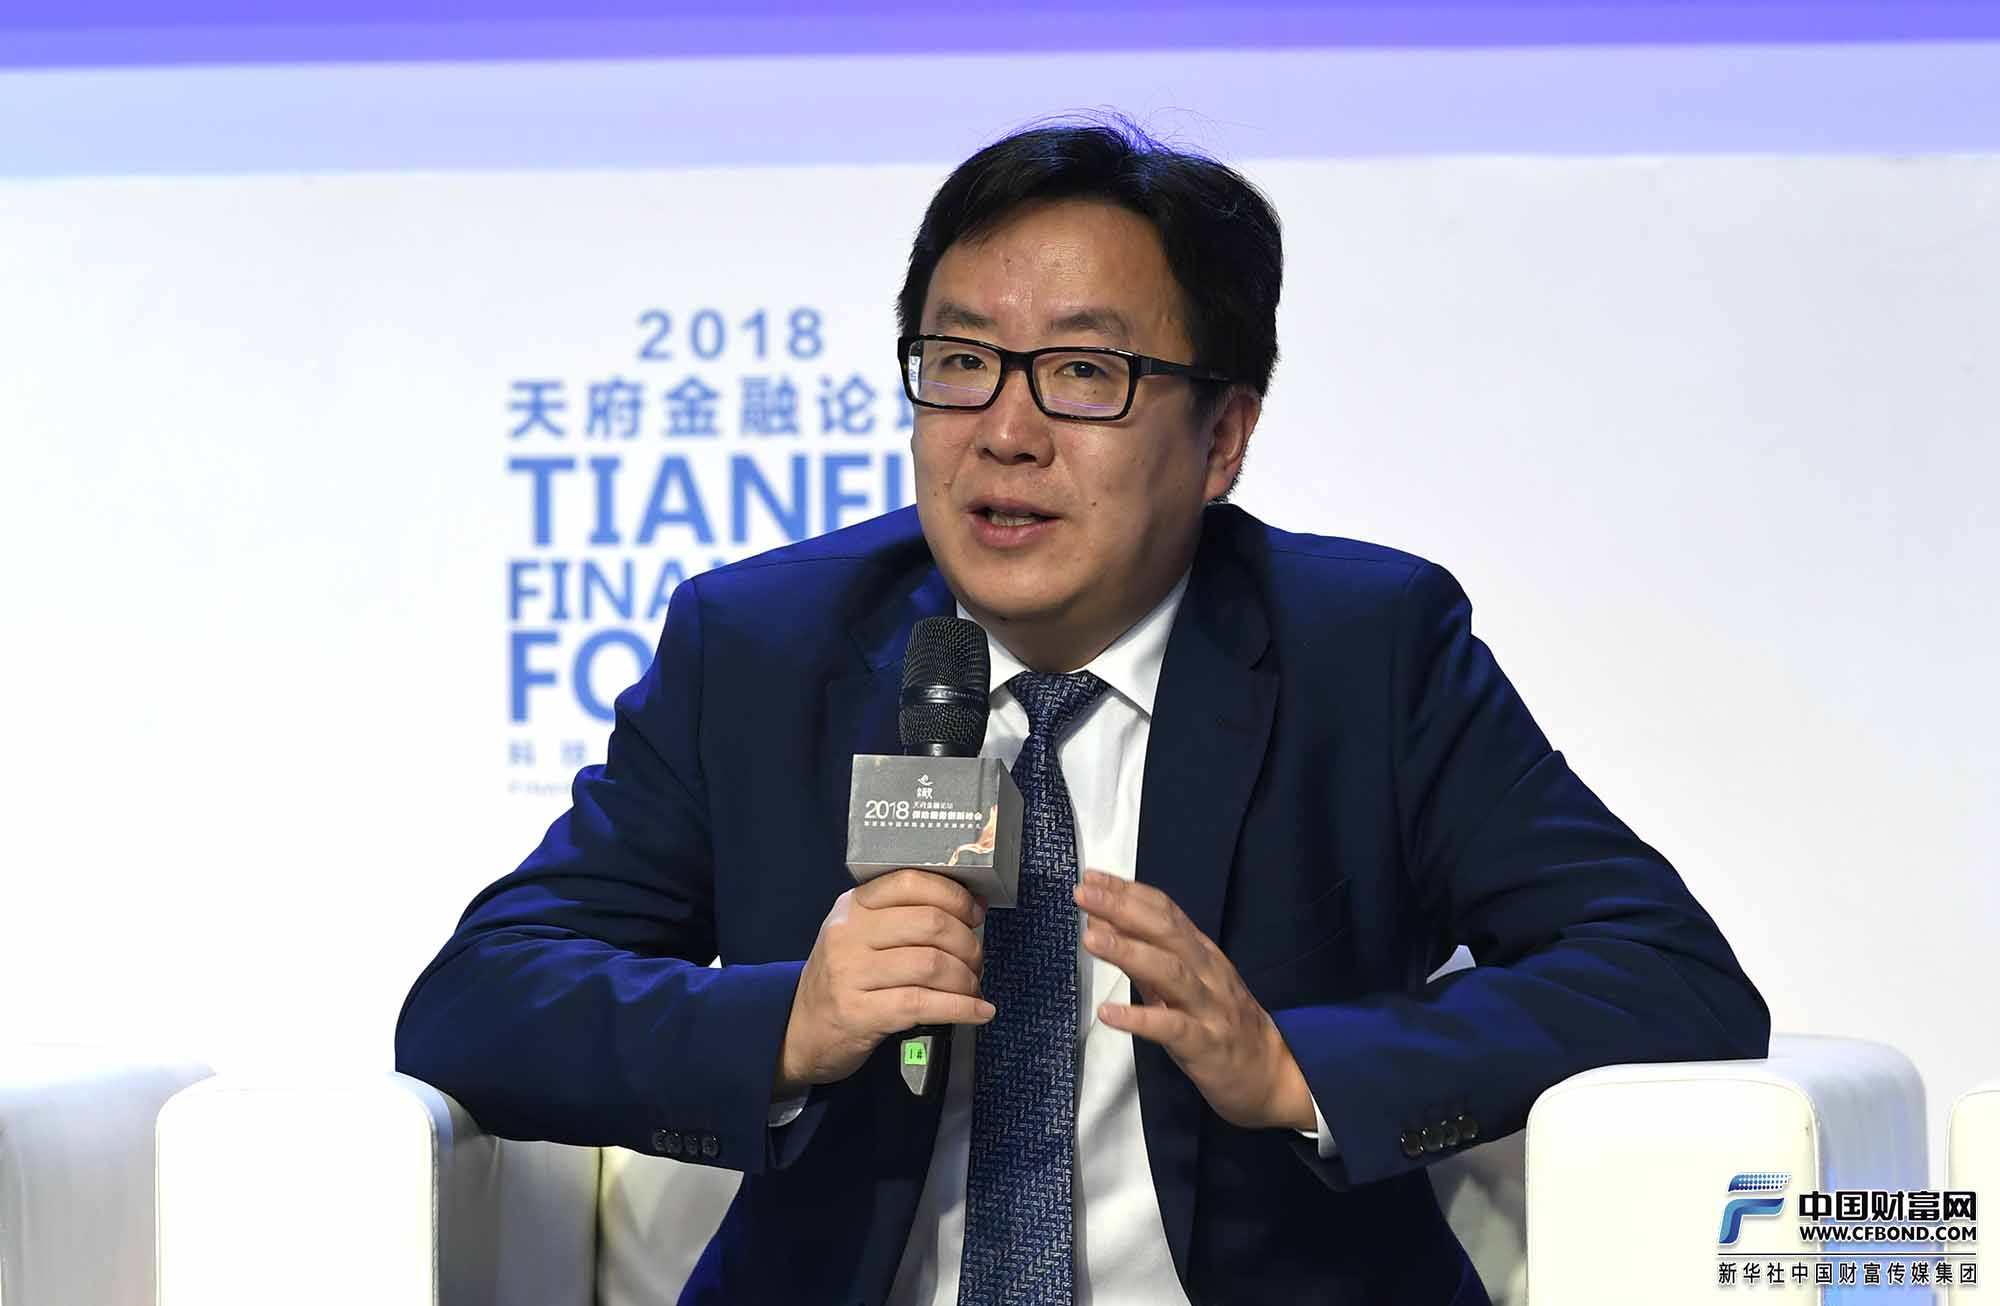 华农财产保险股份有限公司总裁张宗韬发言